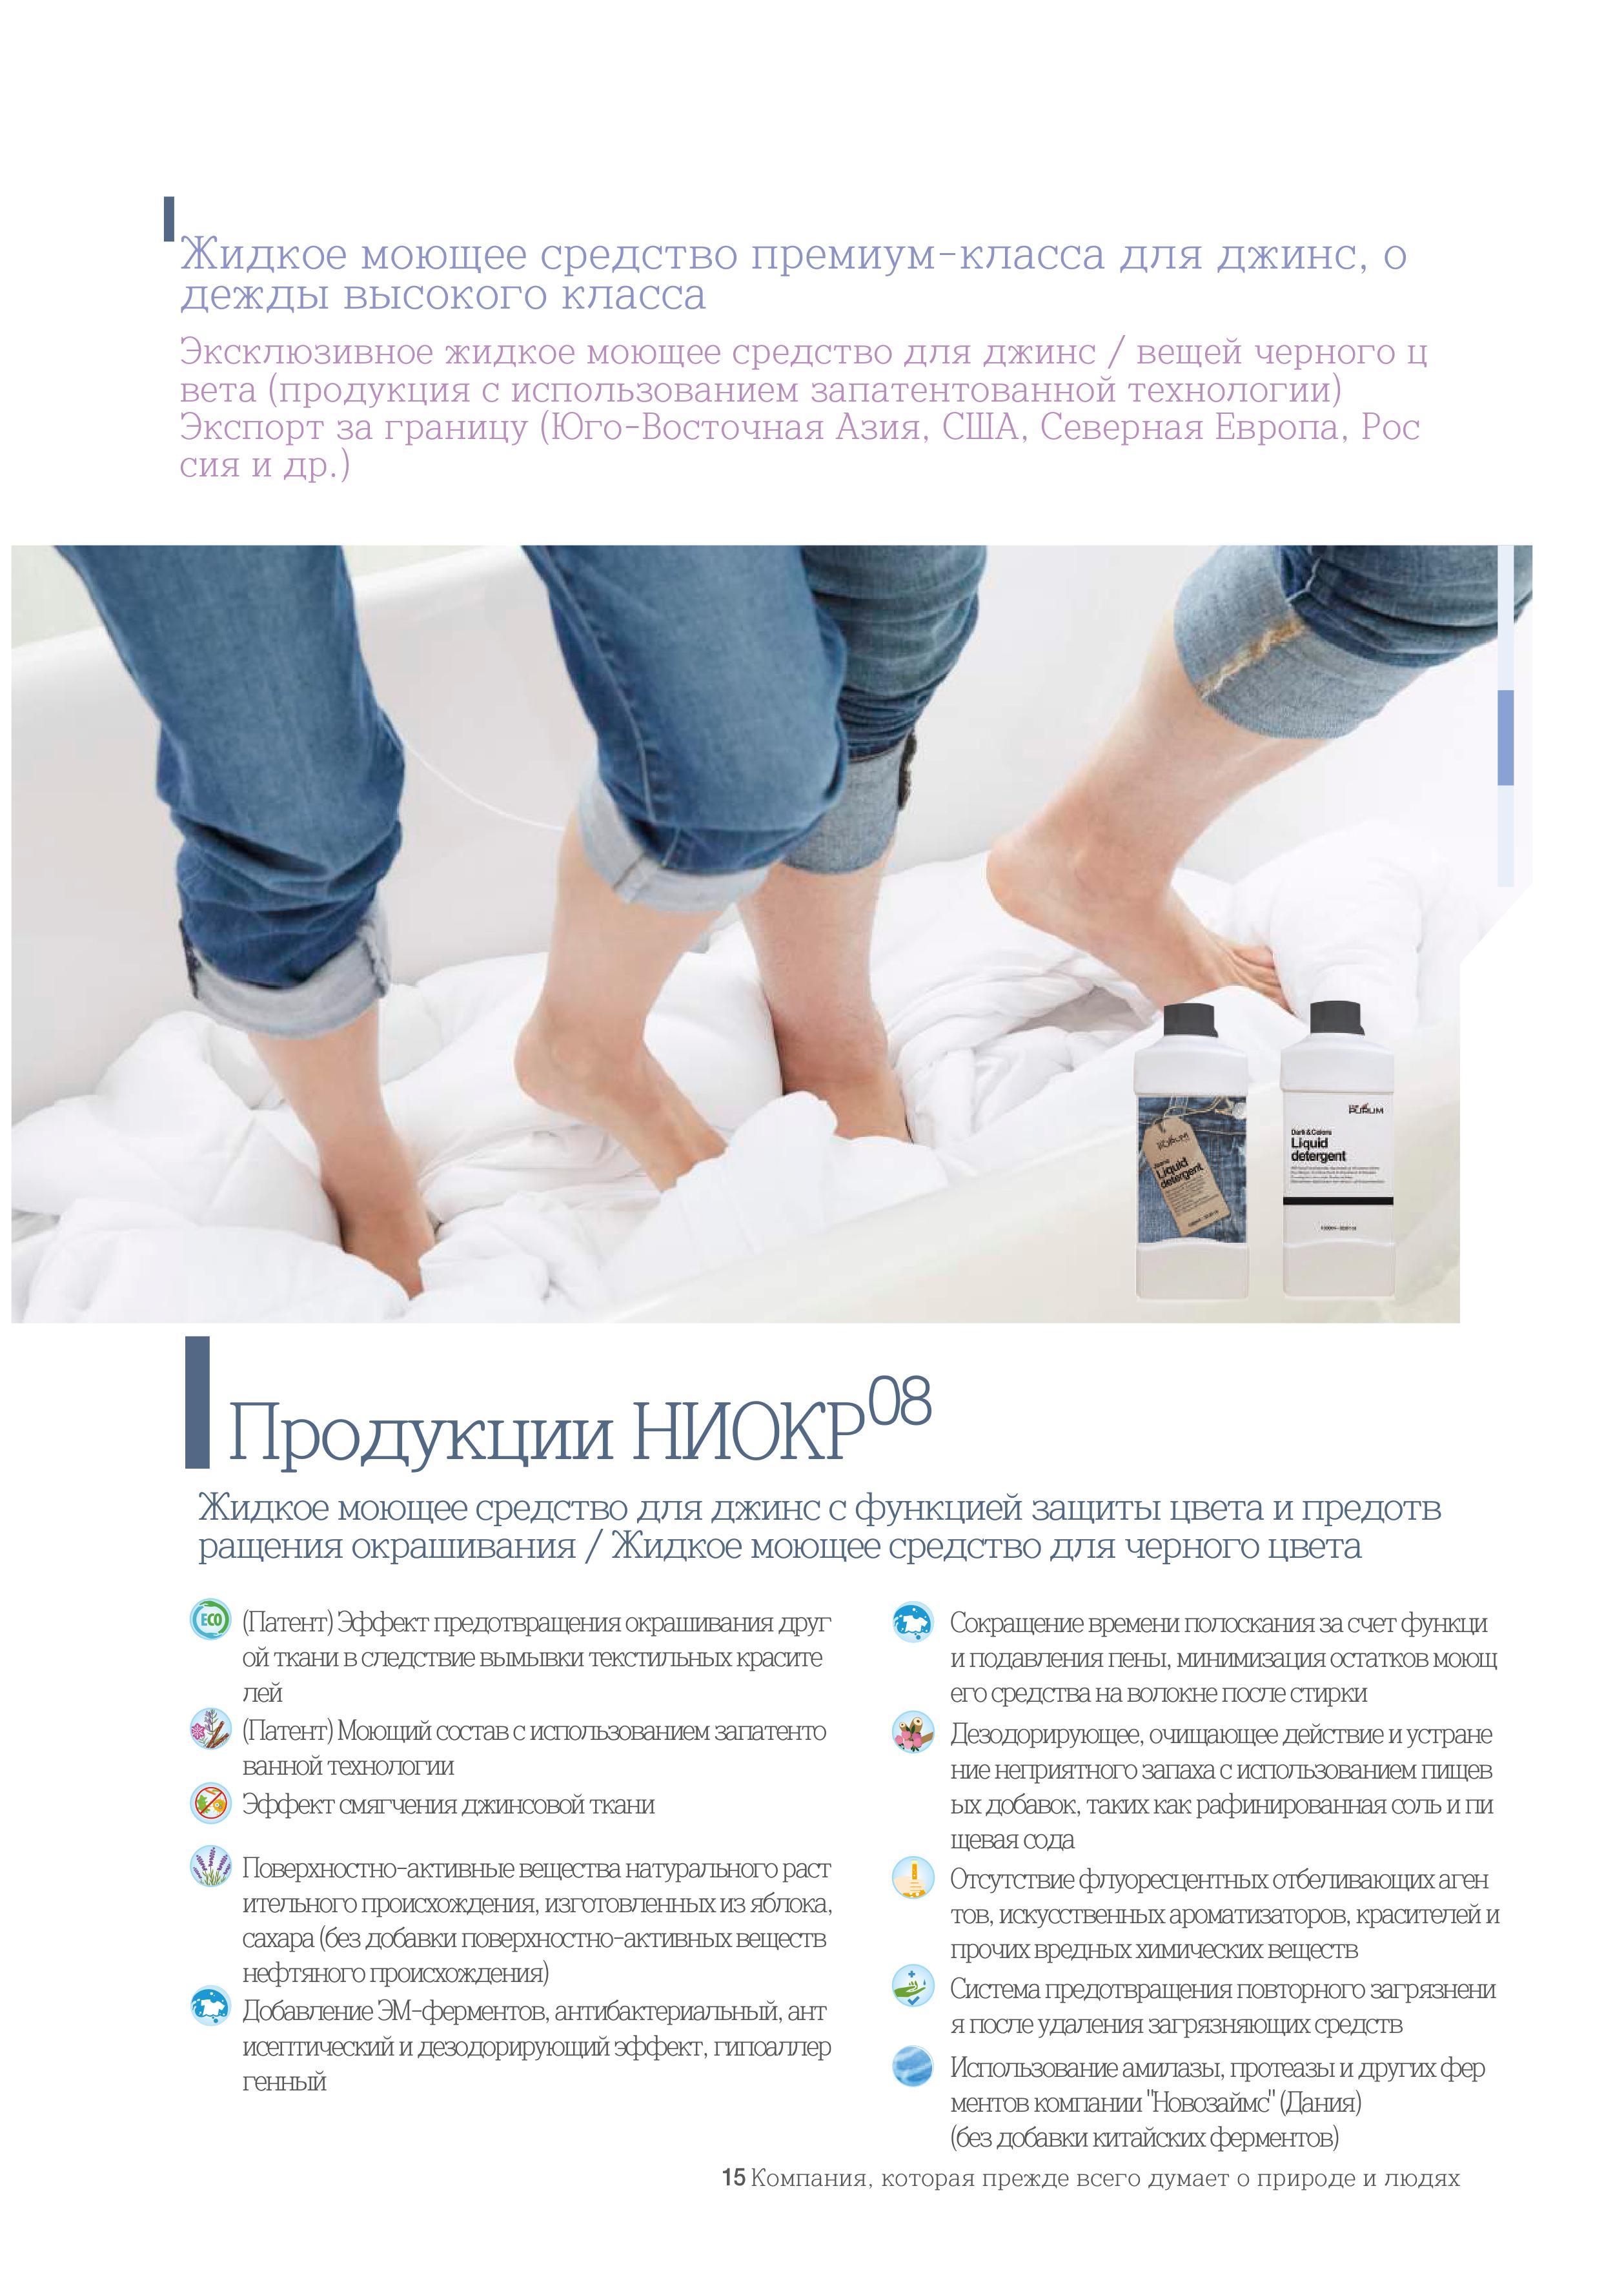 IM Cadalog Russia